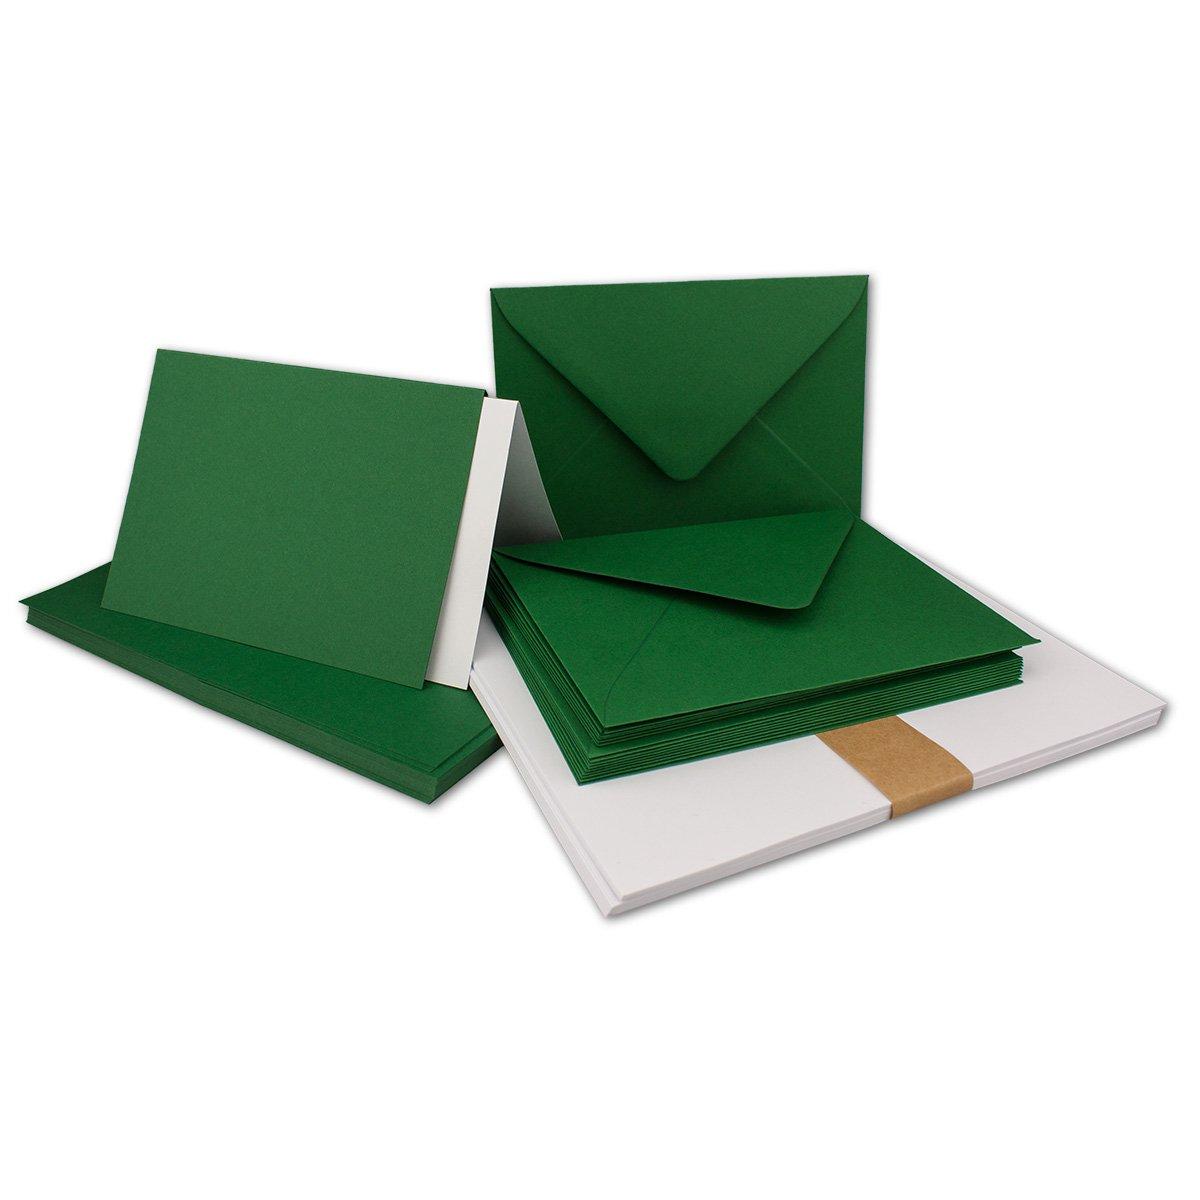 150 Sets - Faltkarten Hellgrau - DIN A5  Umschläge  Einlegeblätter DIN C5 - PREMIUM QUALITÄT - sehr formstabil - Qualitätsmarke  NEUSER FarbenFroh B07C38445Z | Ausgang